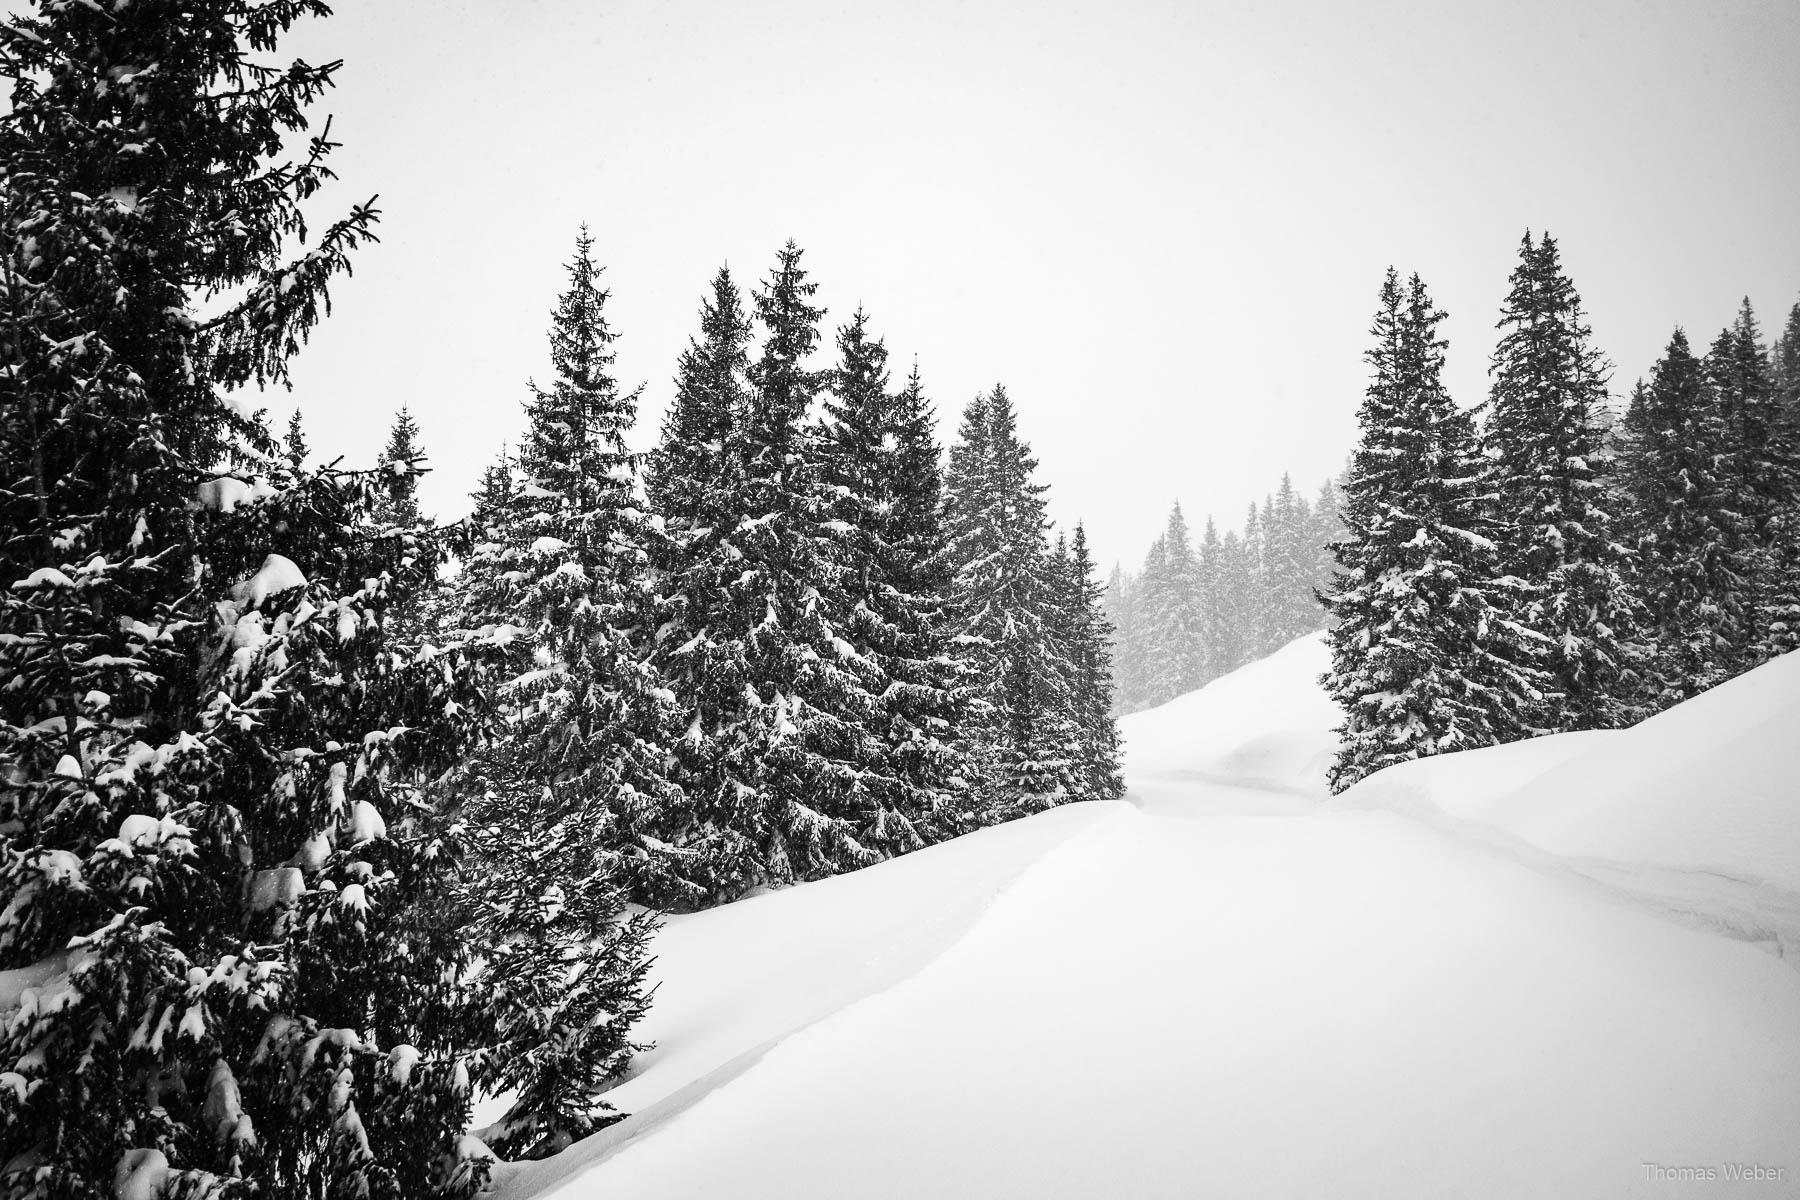 Schneefotos in den Bergen von Österreich